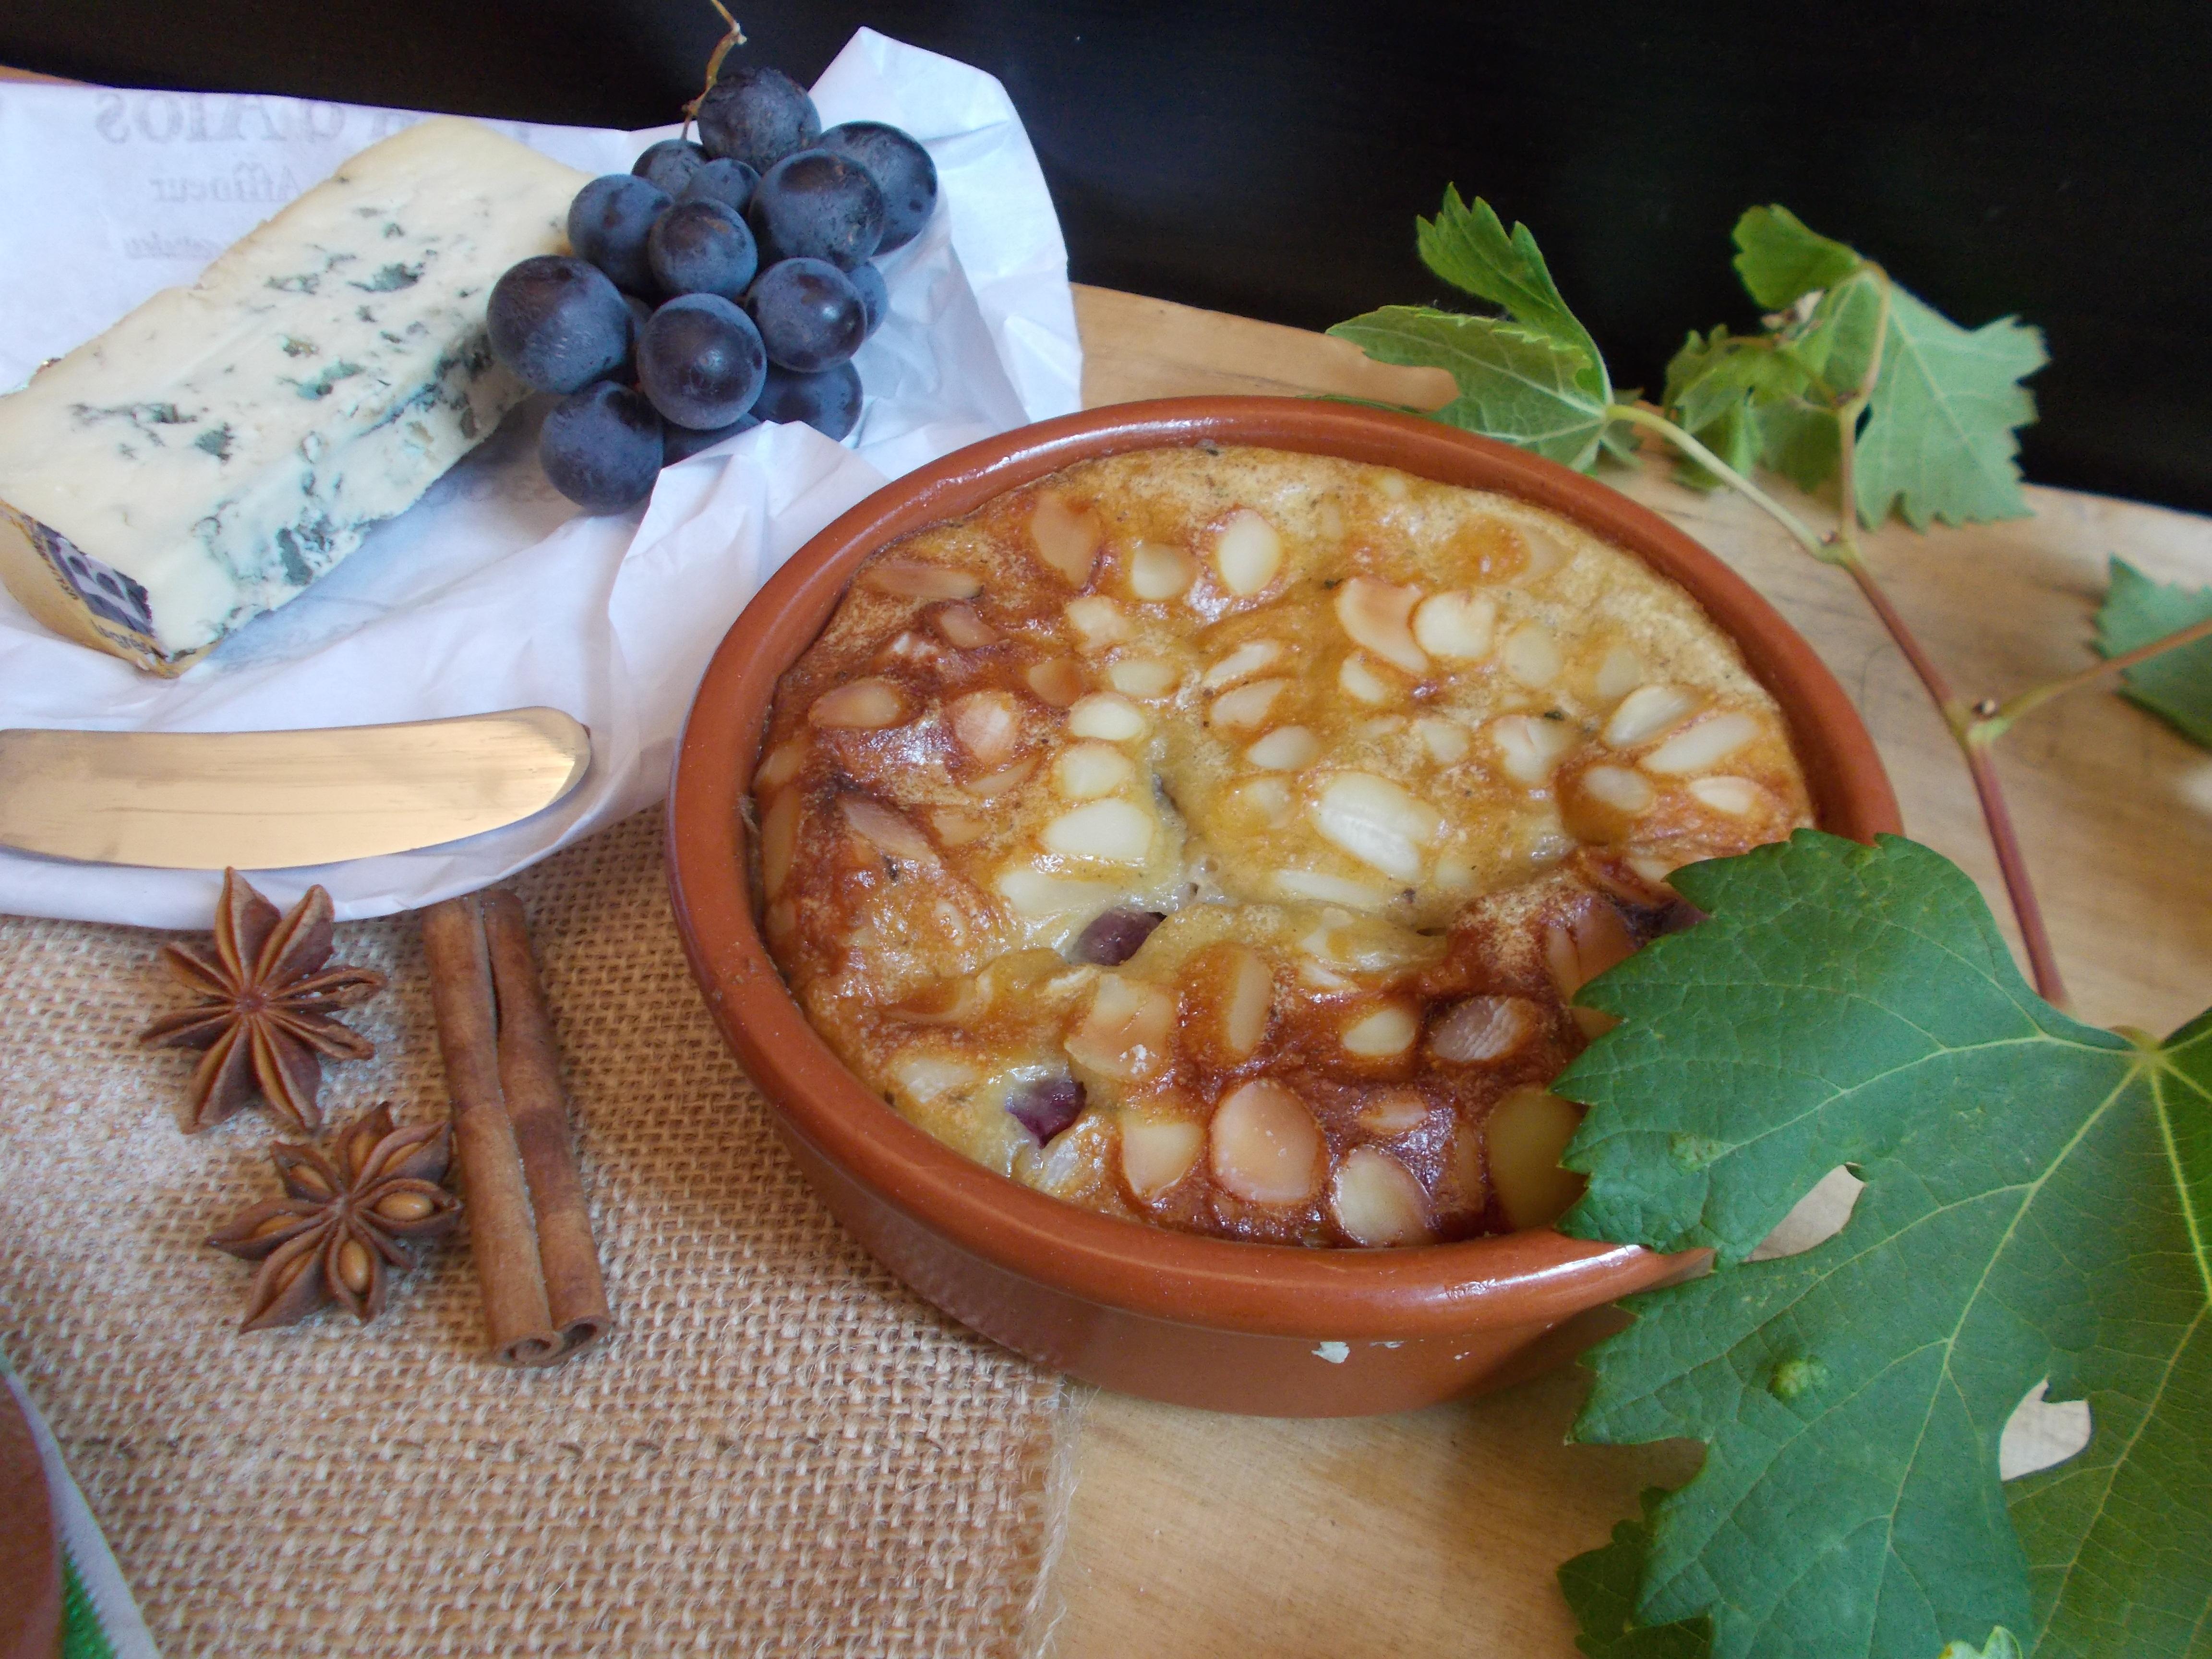 Clafoutis au raisin et bleu saveur pain d'épices